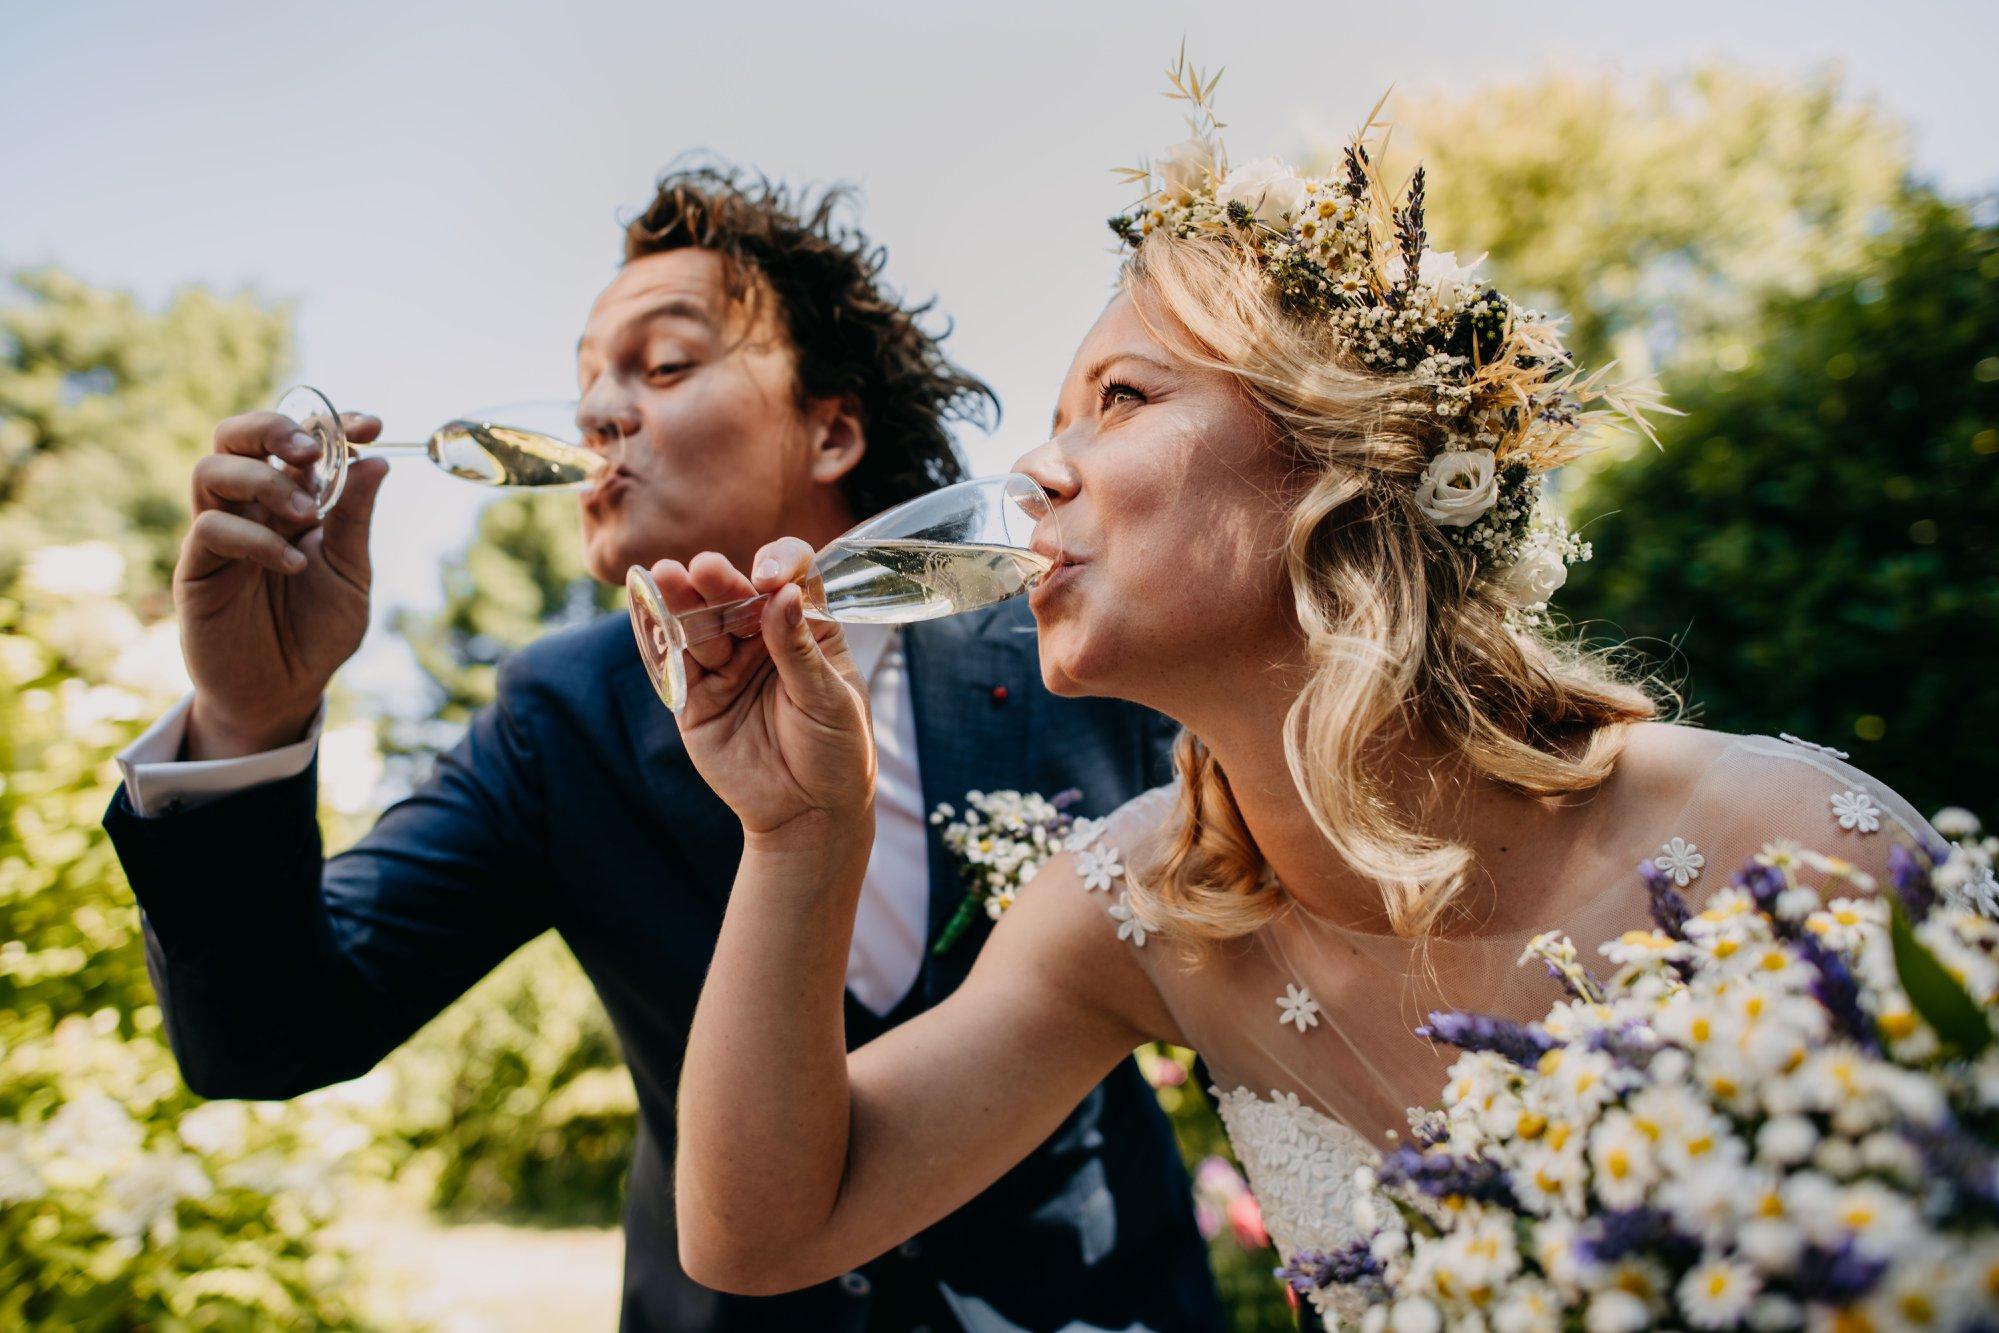 Bruidsjurken Tot 500 Euro.De Nieuwste 2019 Trouwjurken Collectie